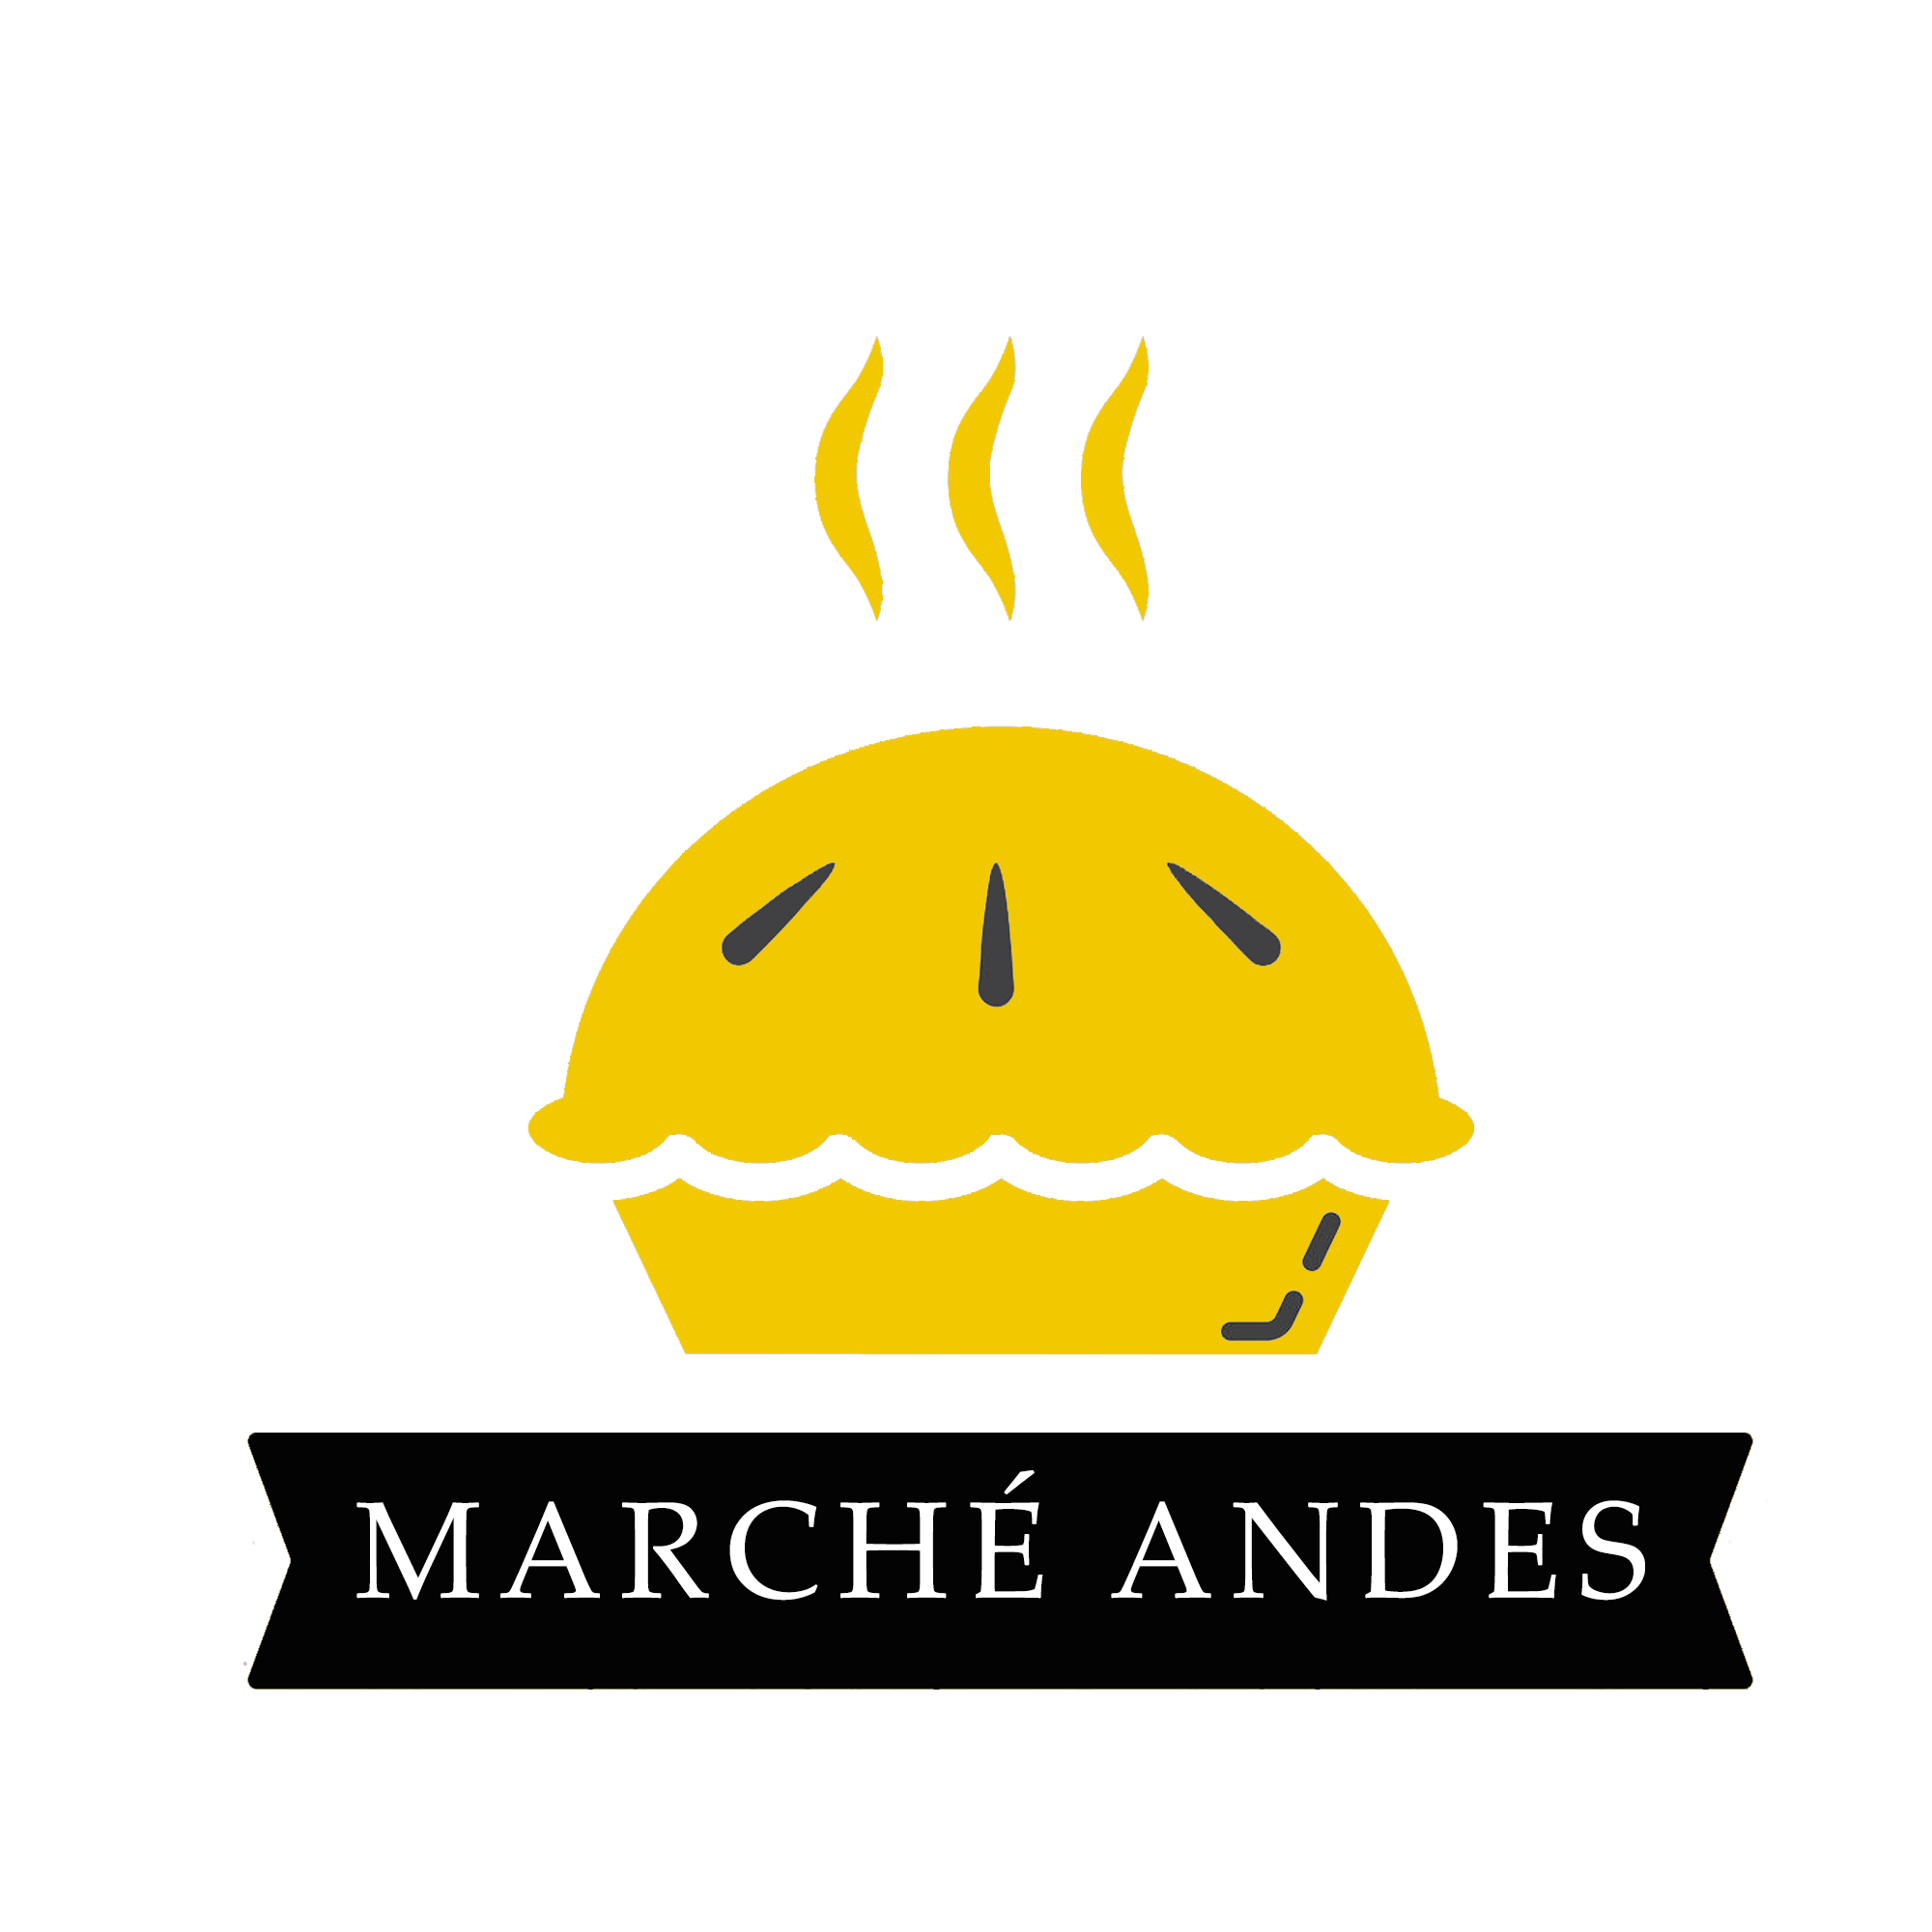 Boulangerie Marche Andes